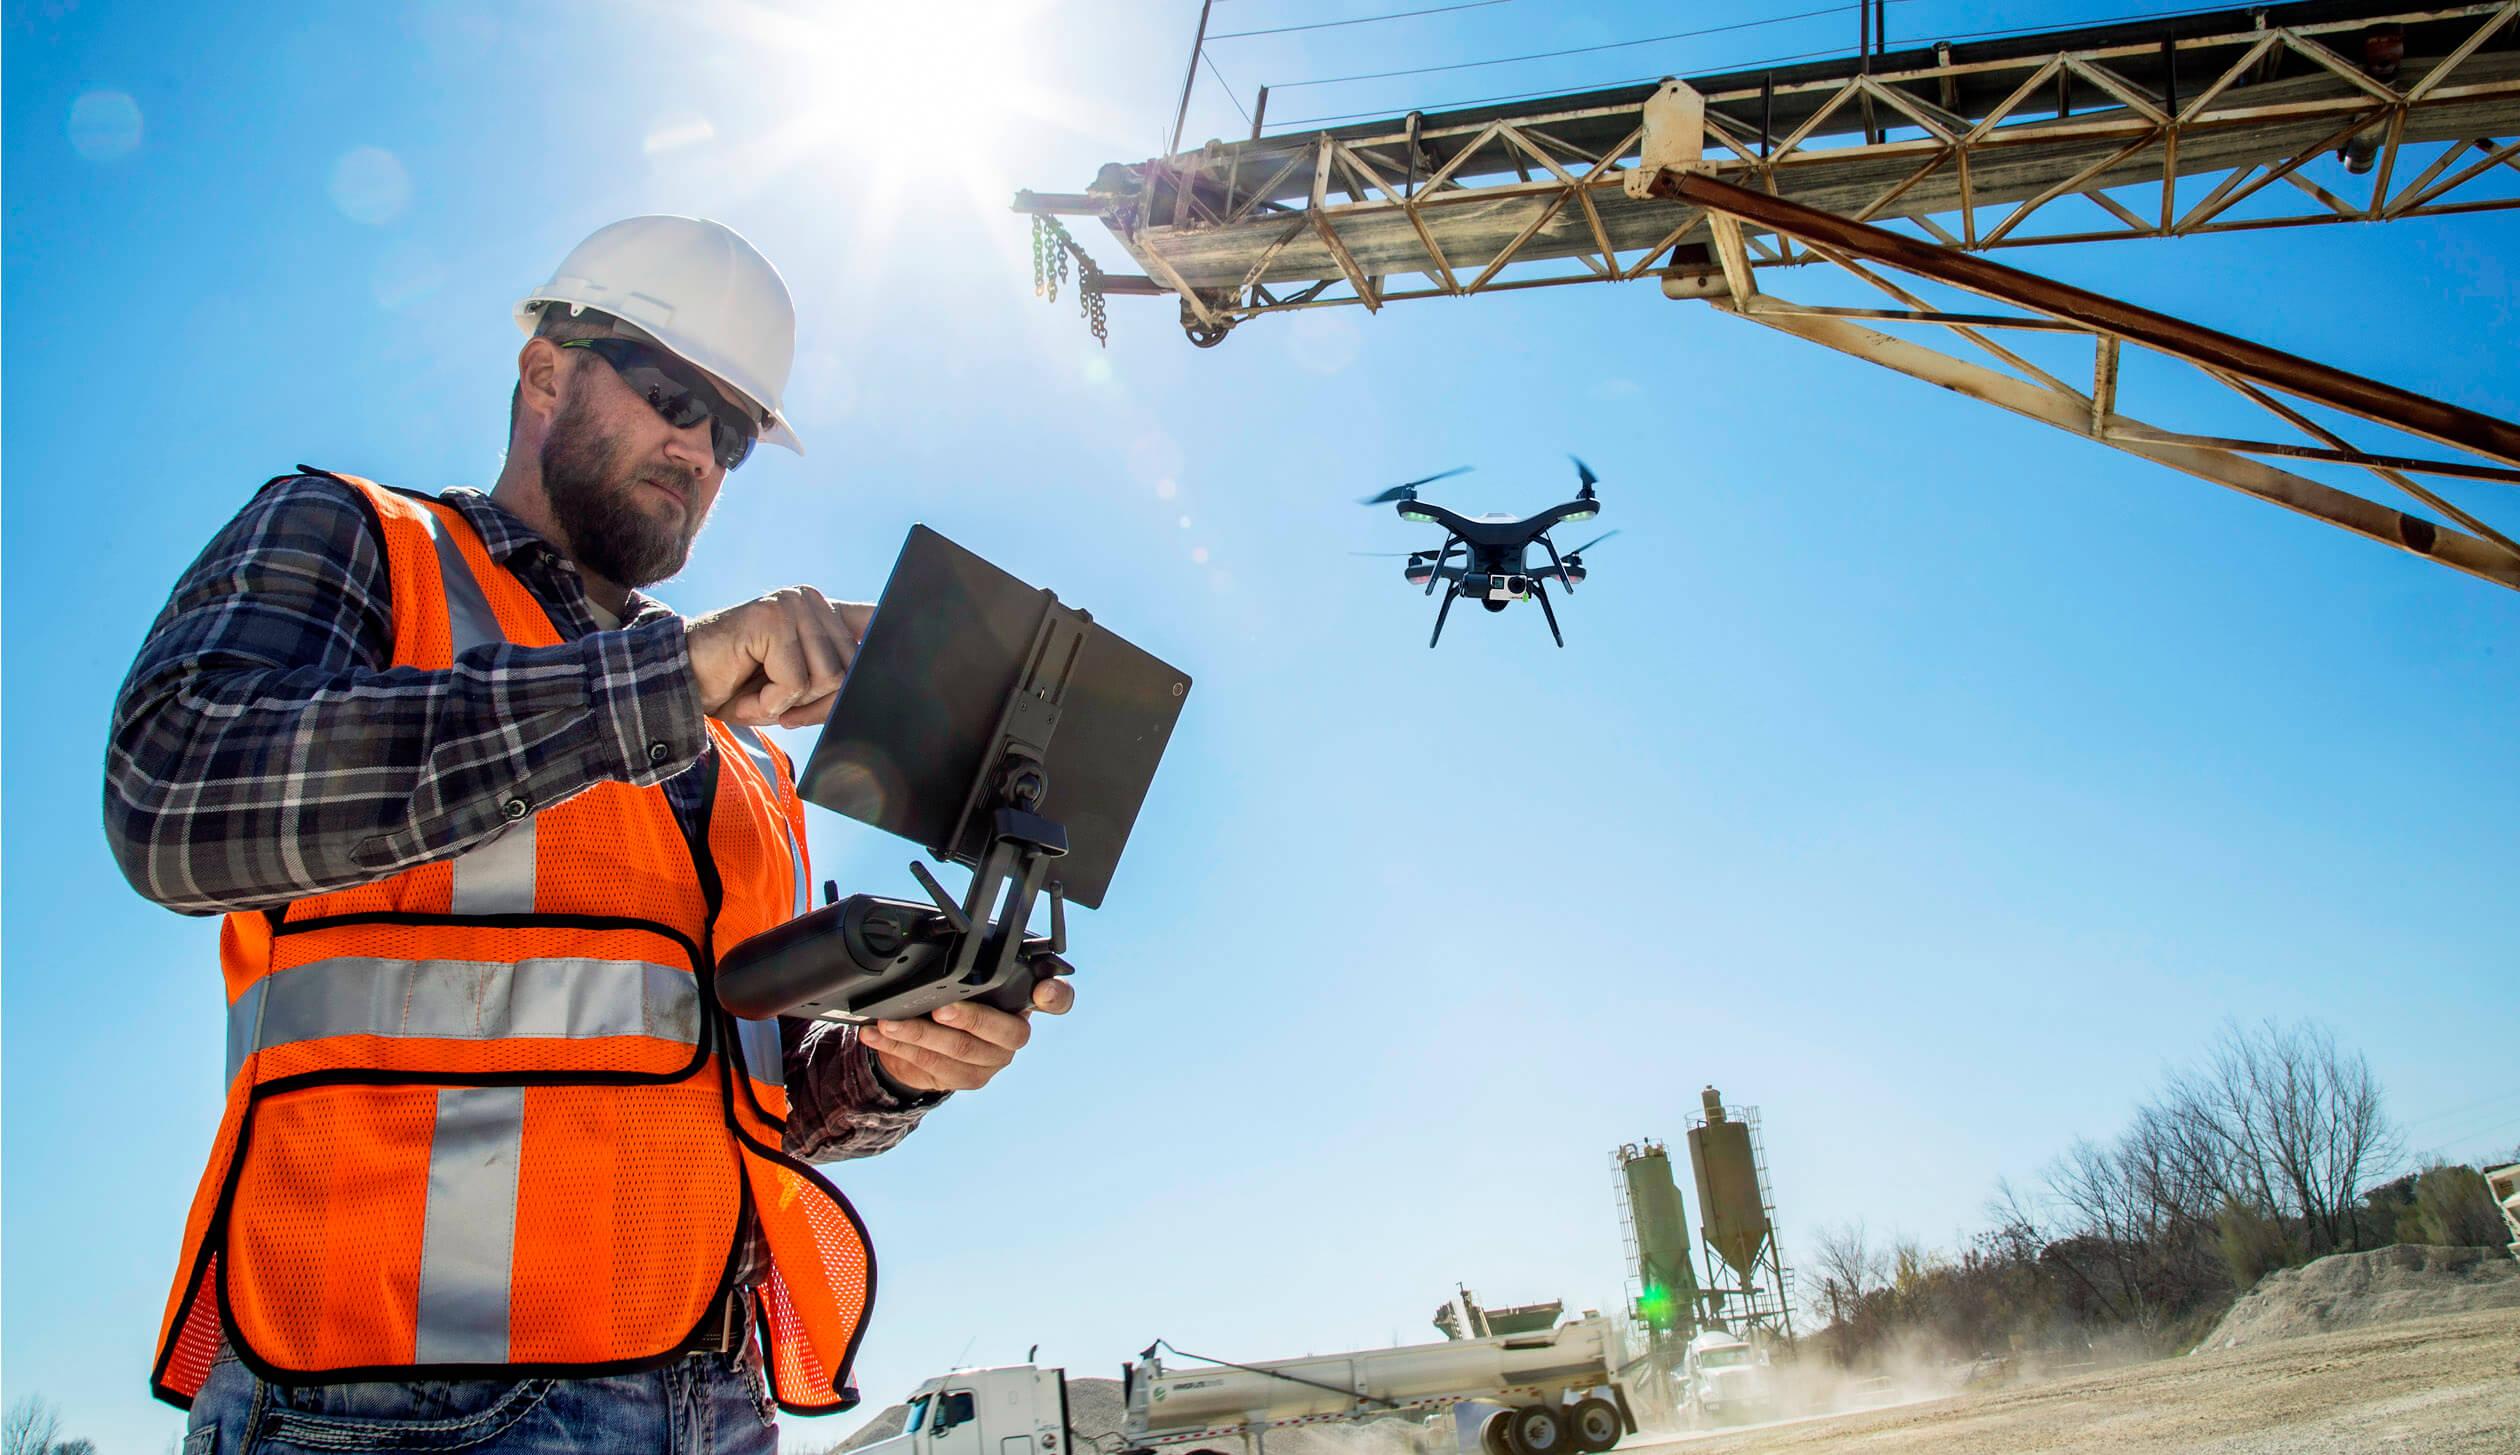 Operação de drones: TUDO que sua empresa precisa para começar